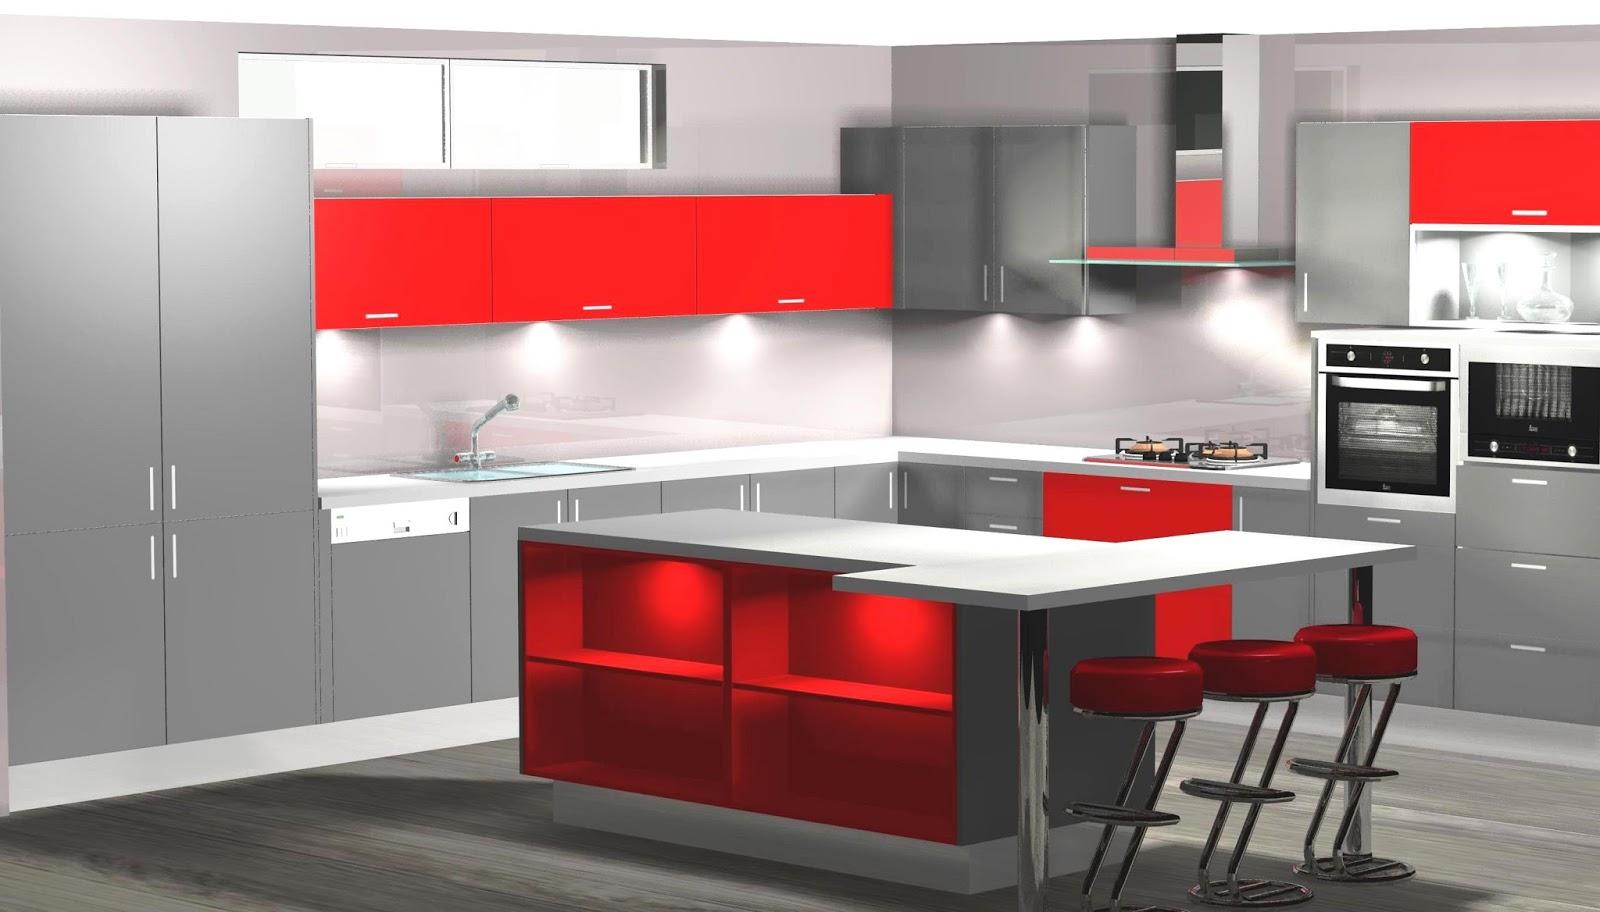 Dise o de cocina en gris y rojo en l y con isla for Aplicacion diseno cocinas